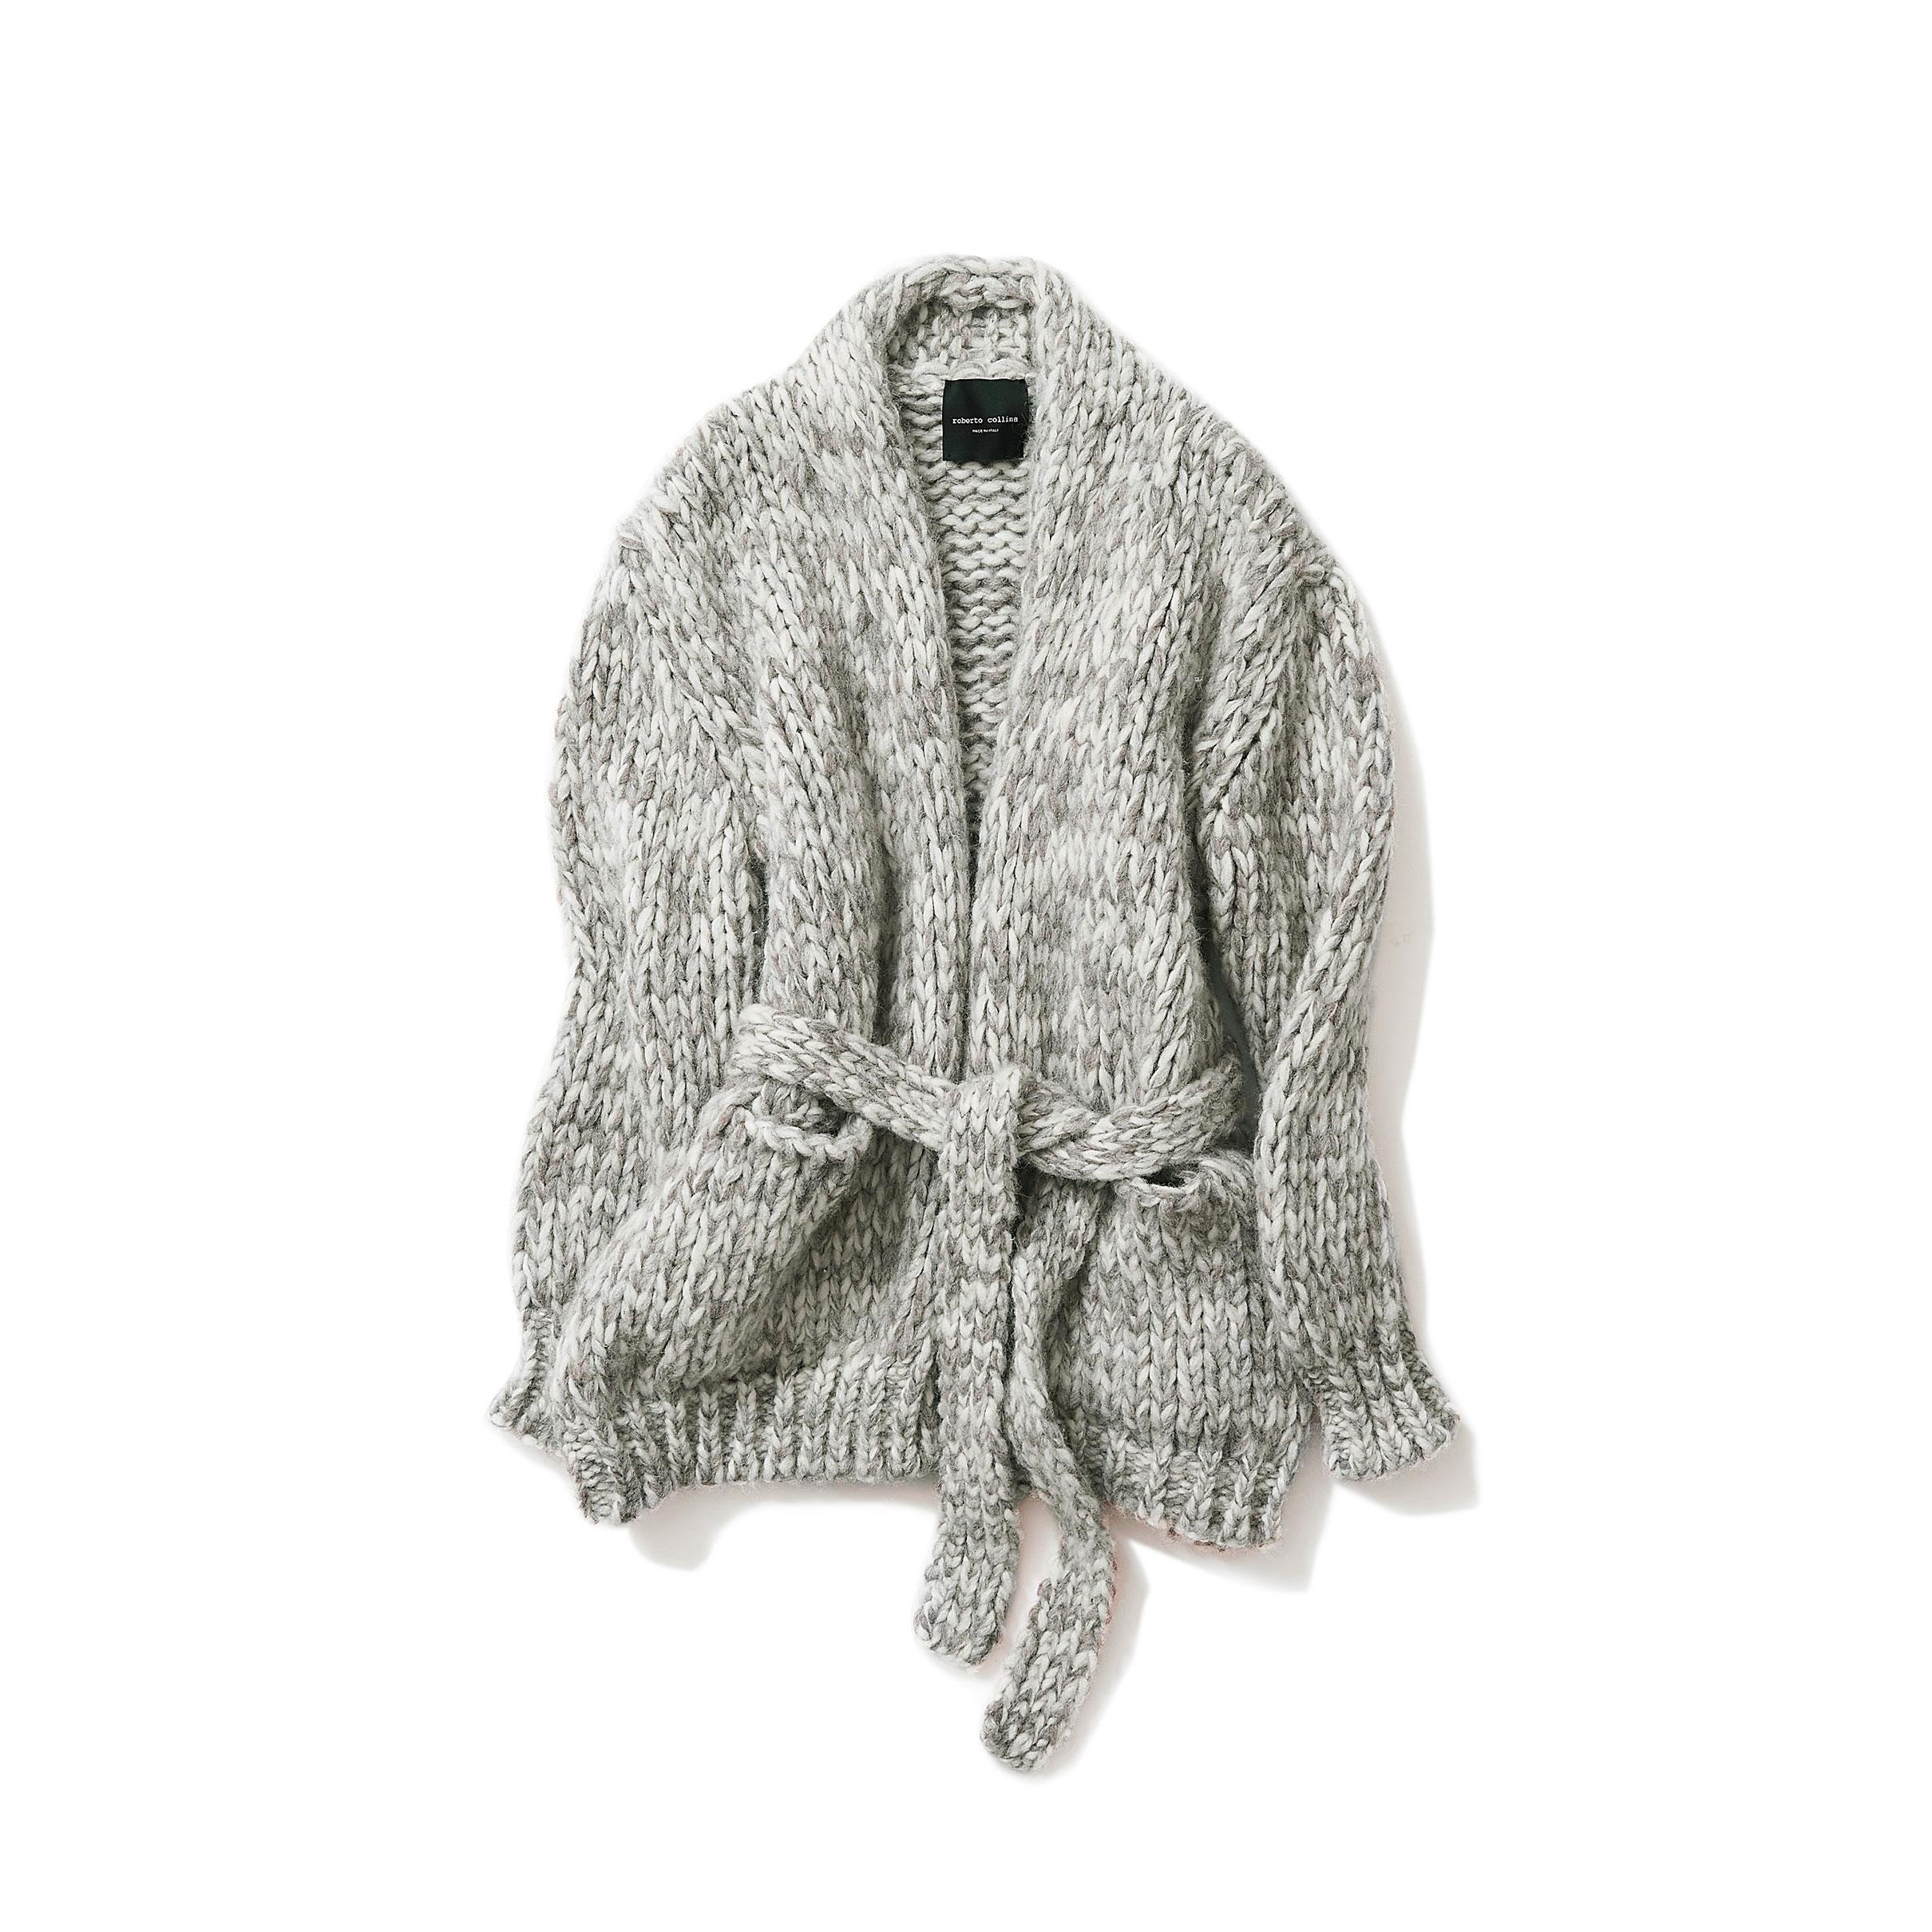 Cowichan mood knit